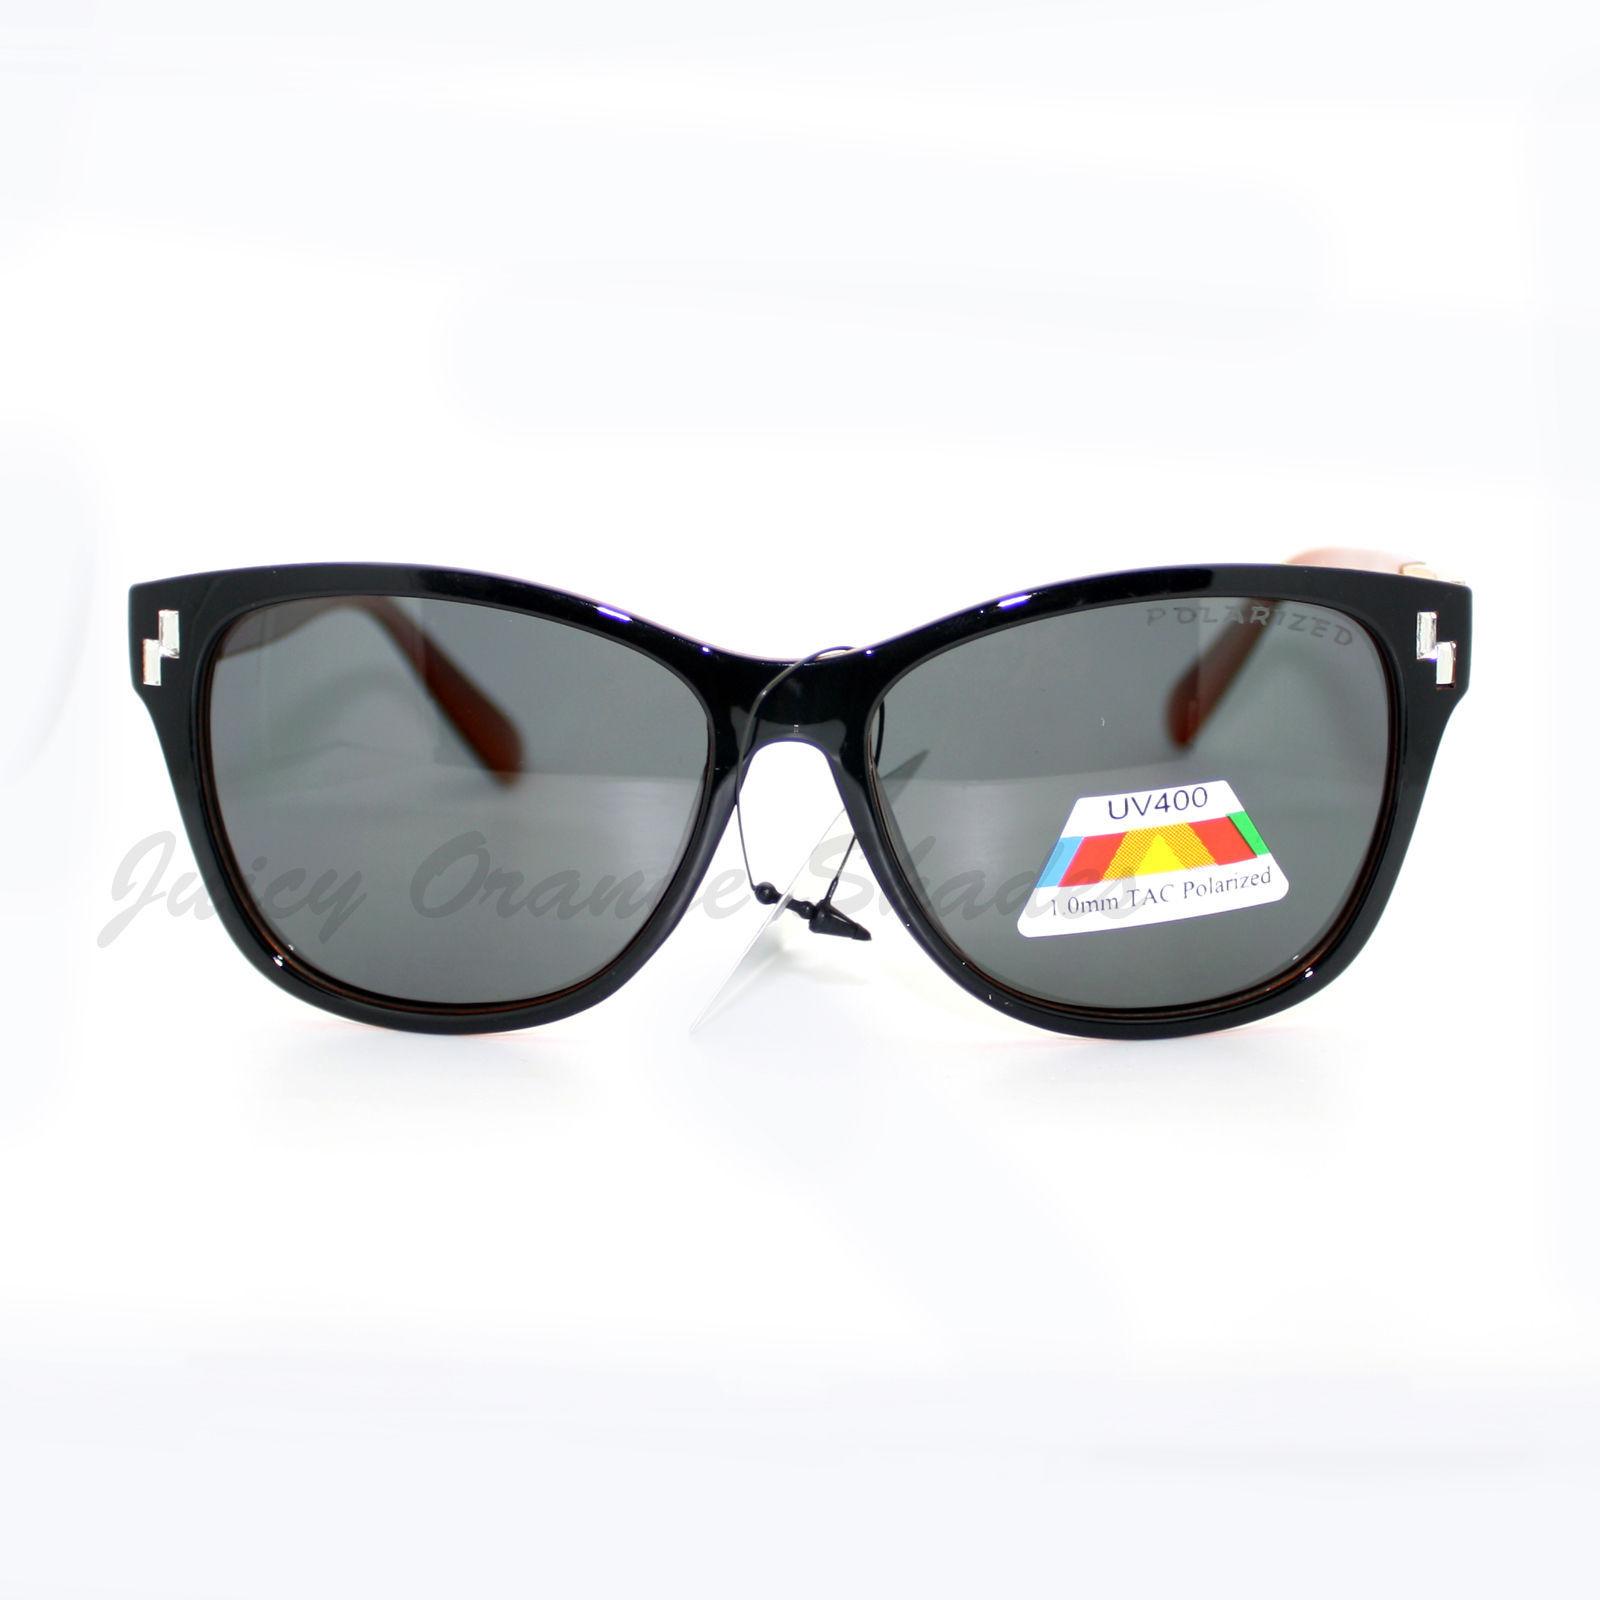 Polarized Lens UV 400 Womens Sunglasses Blinged Square Frame